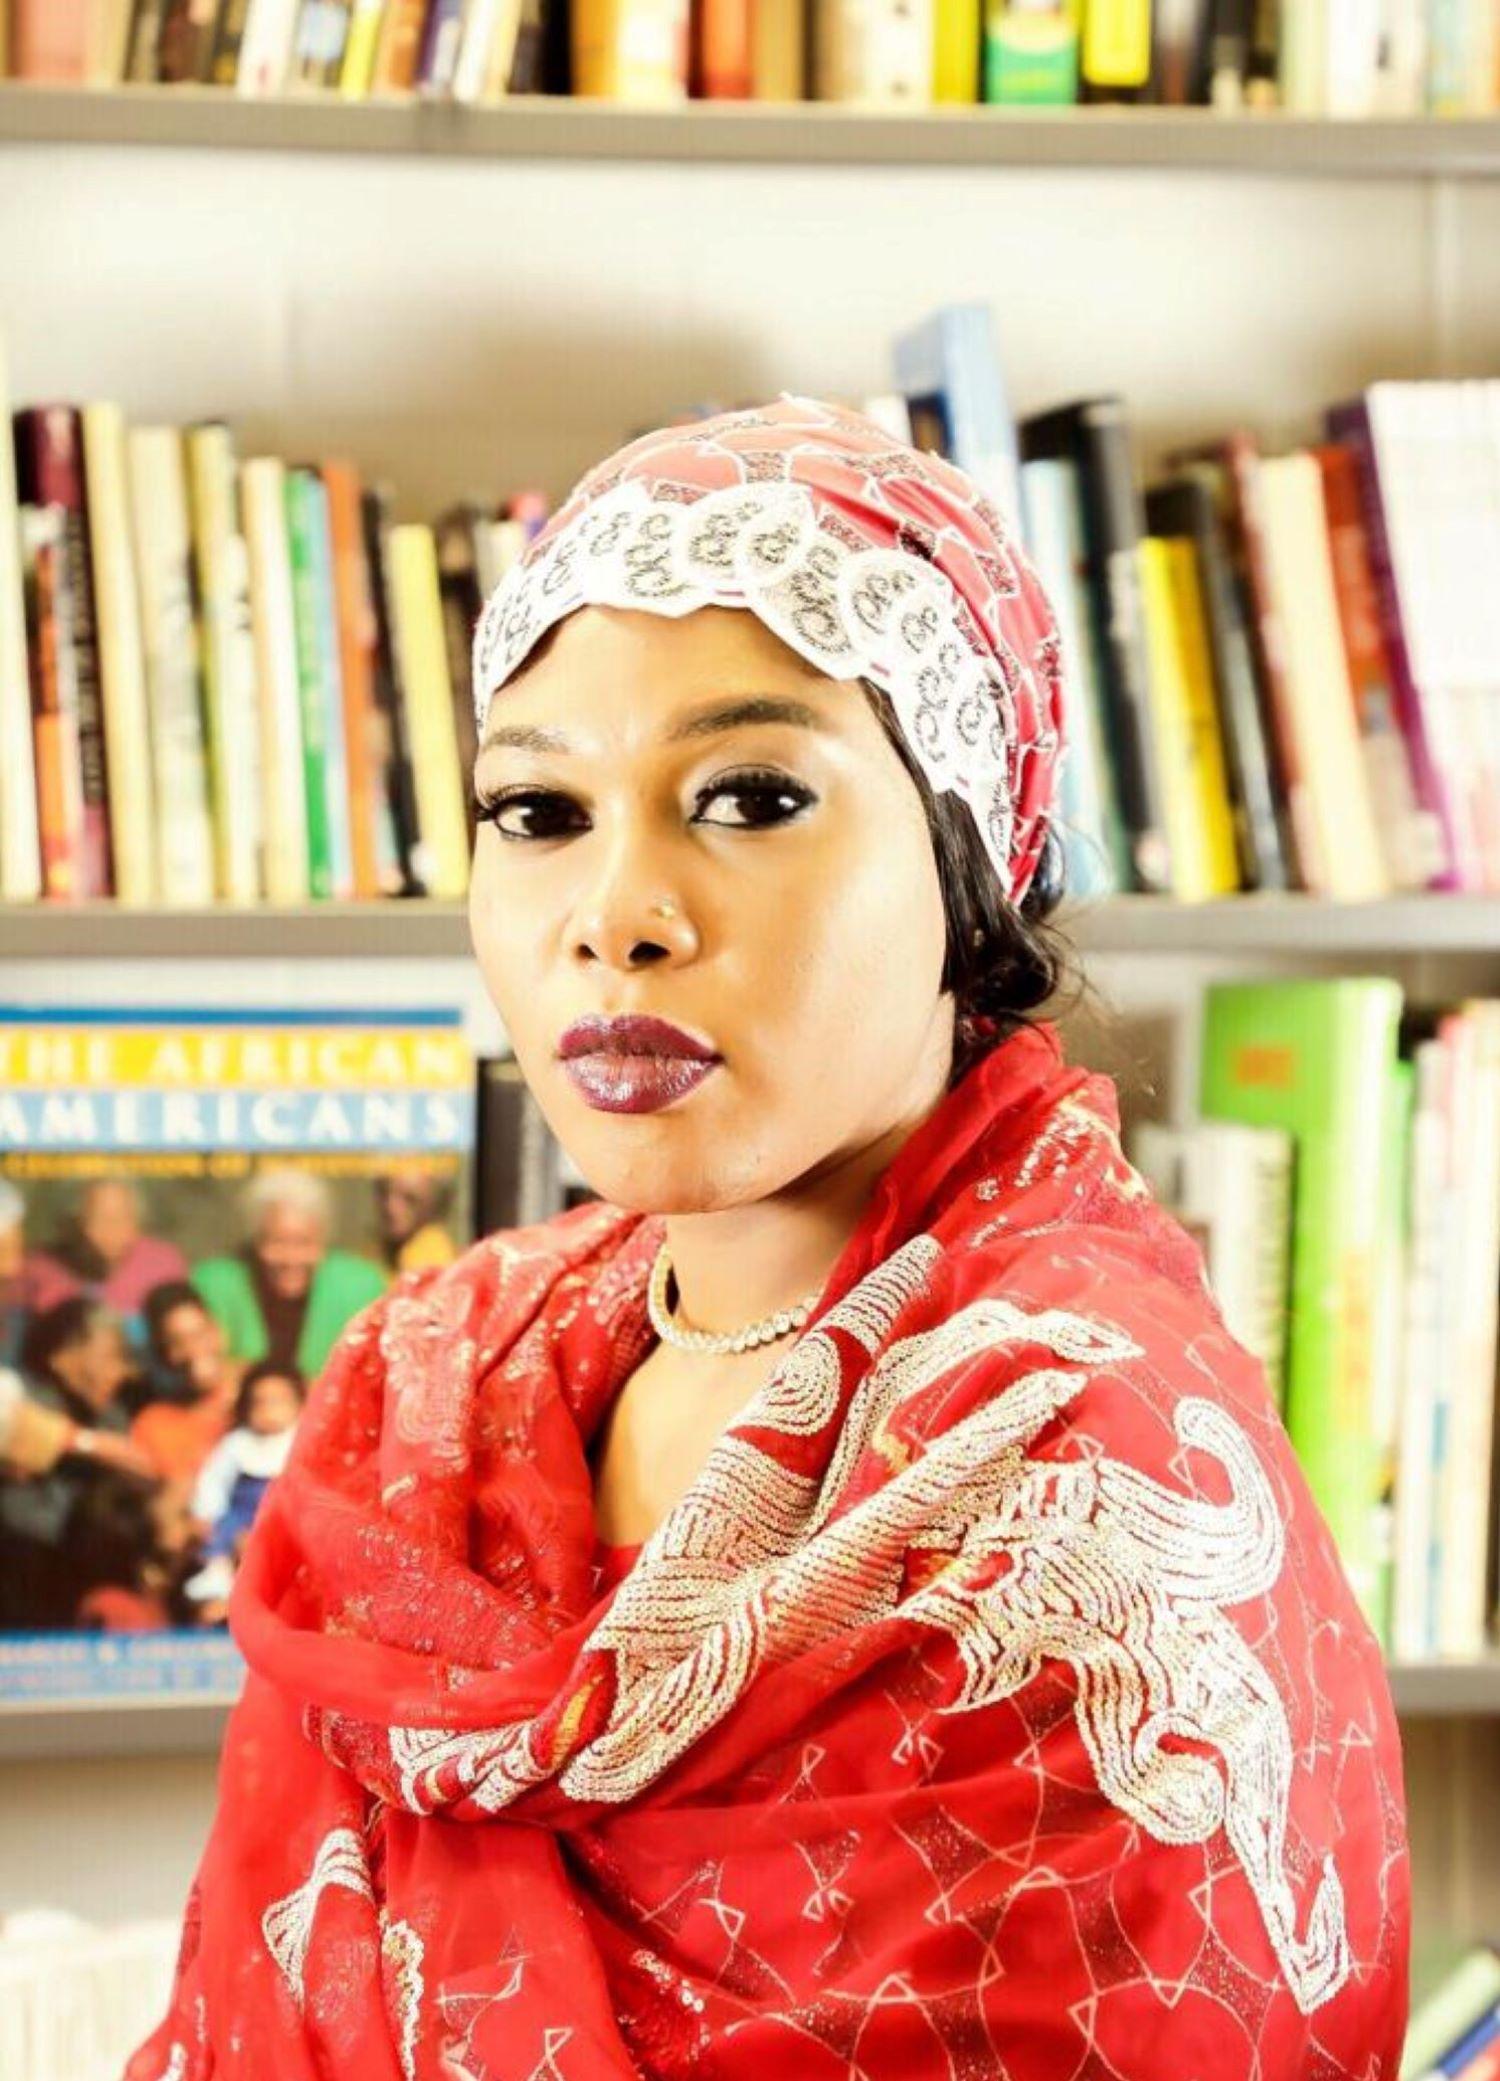 Nigerian Diaspora, Magnafaith